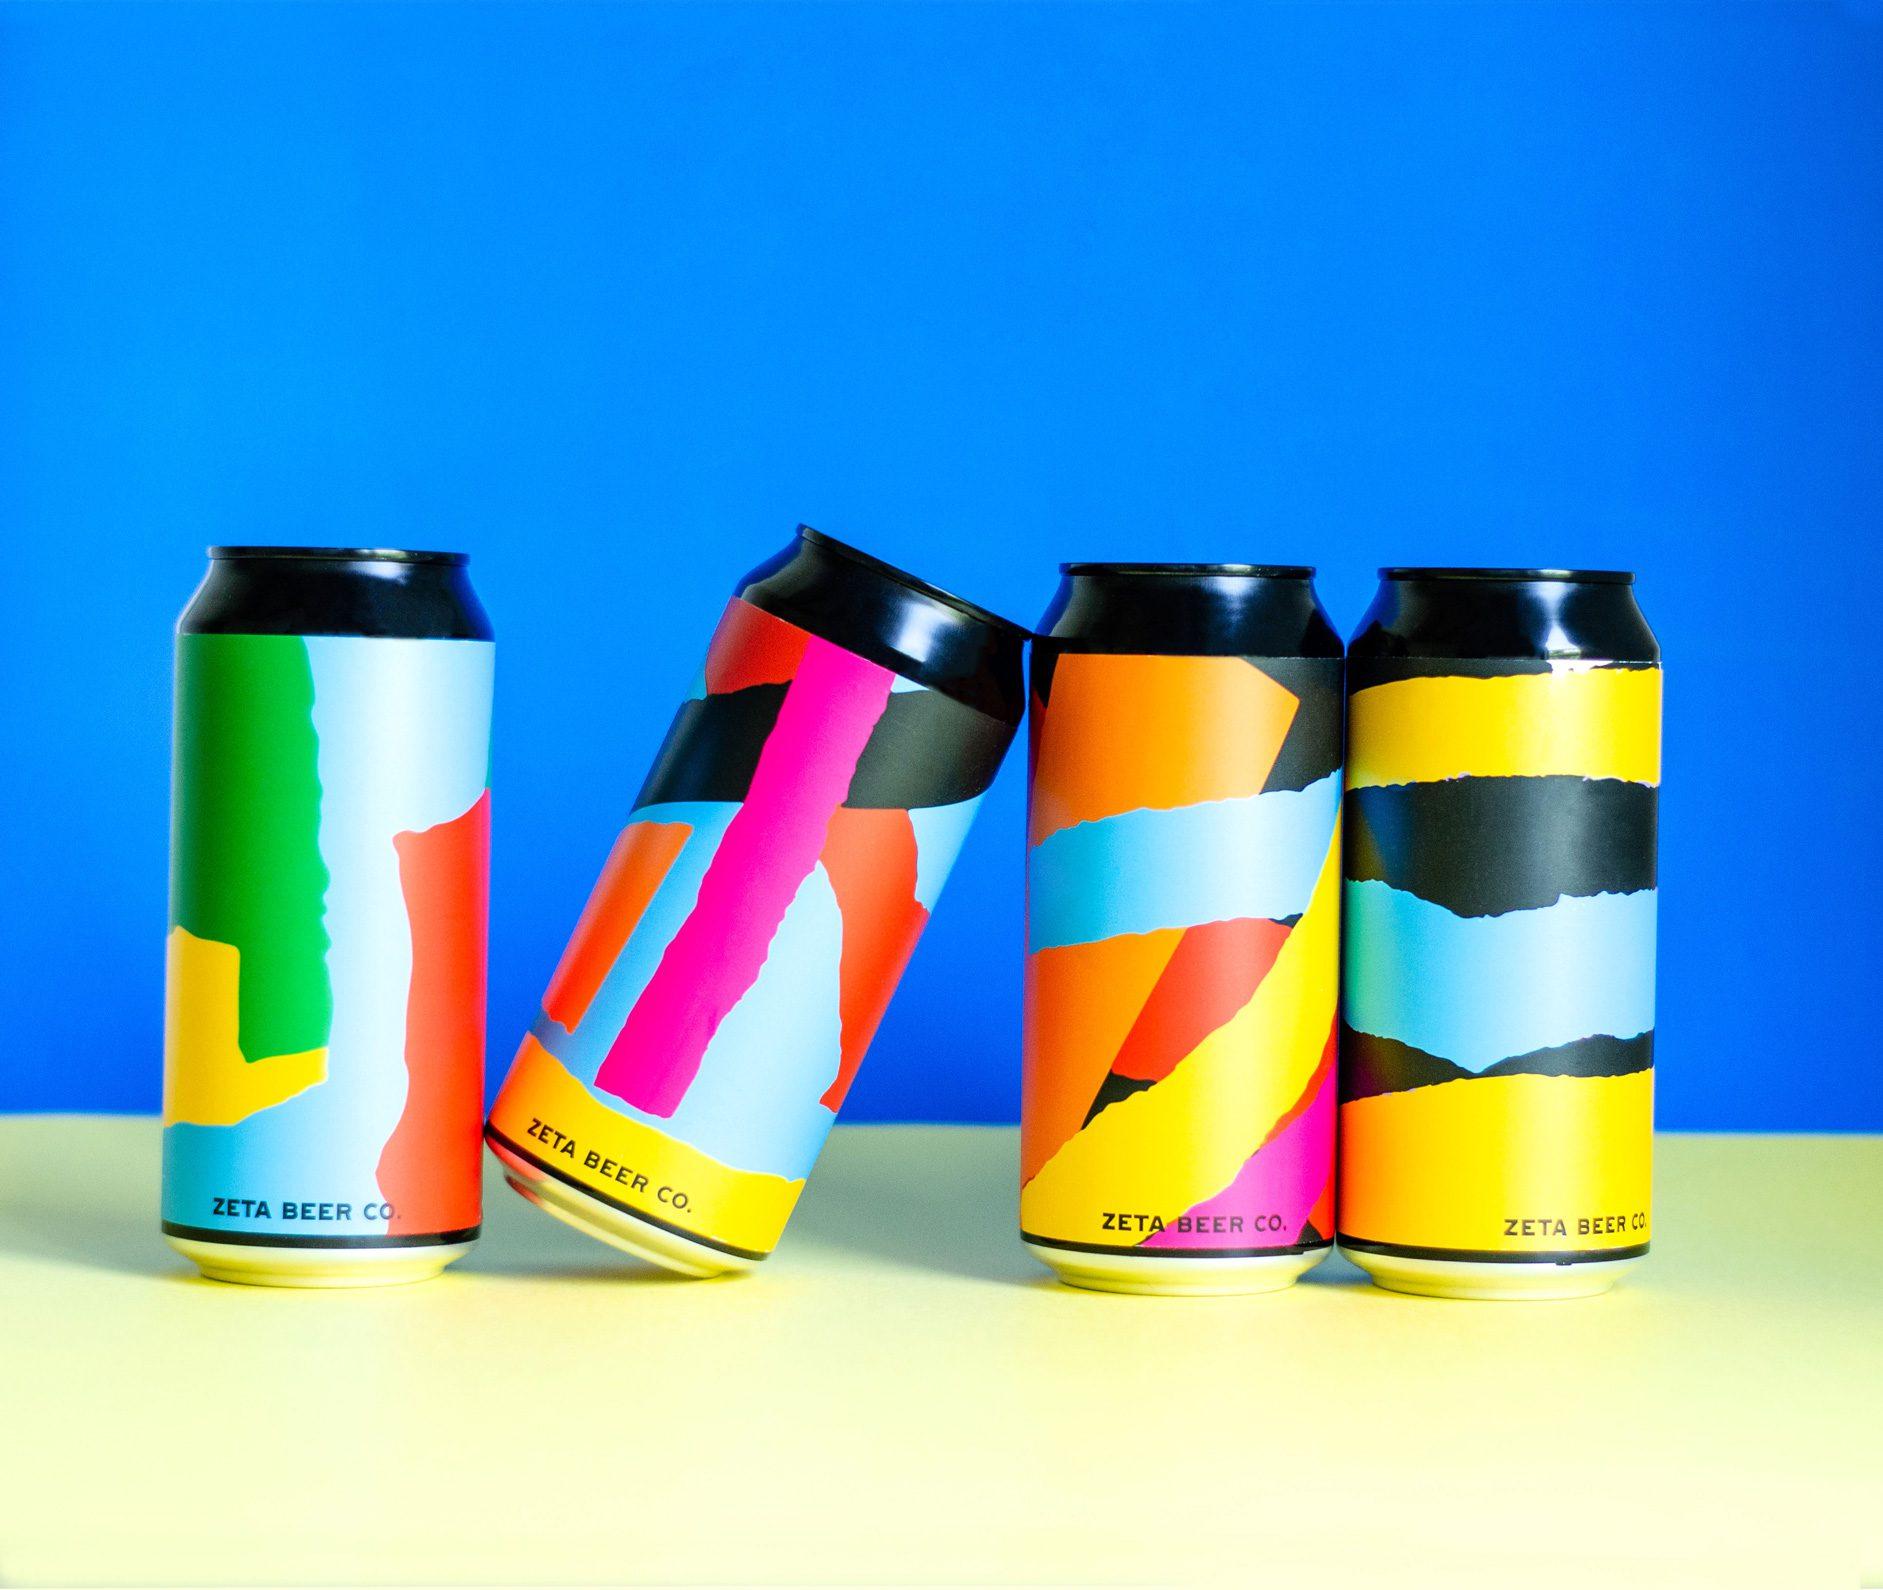 ZETA Beer, rediseño de sus etiquetas ilustradas desde Trampolín